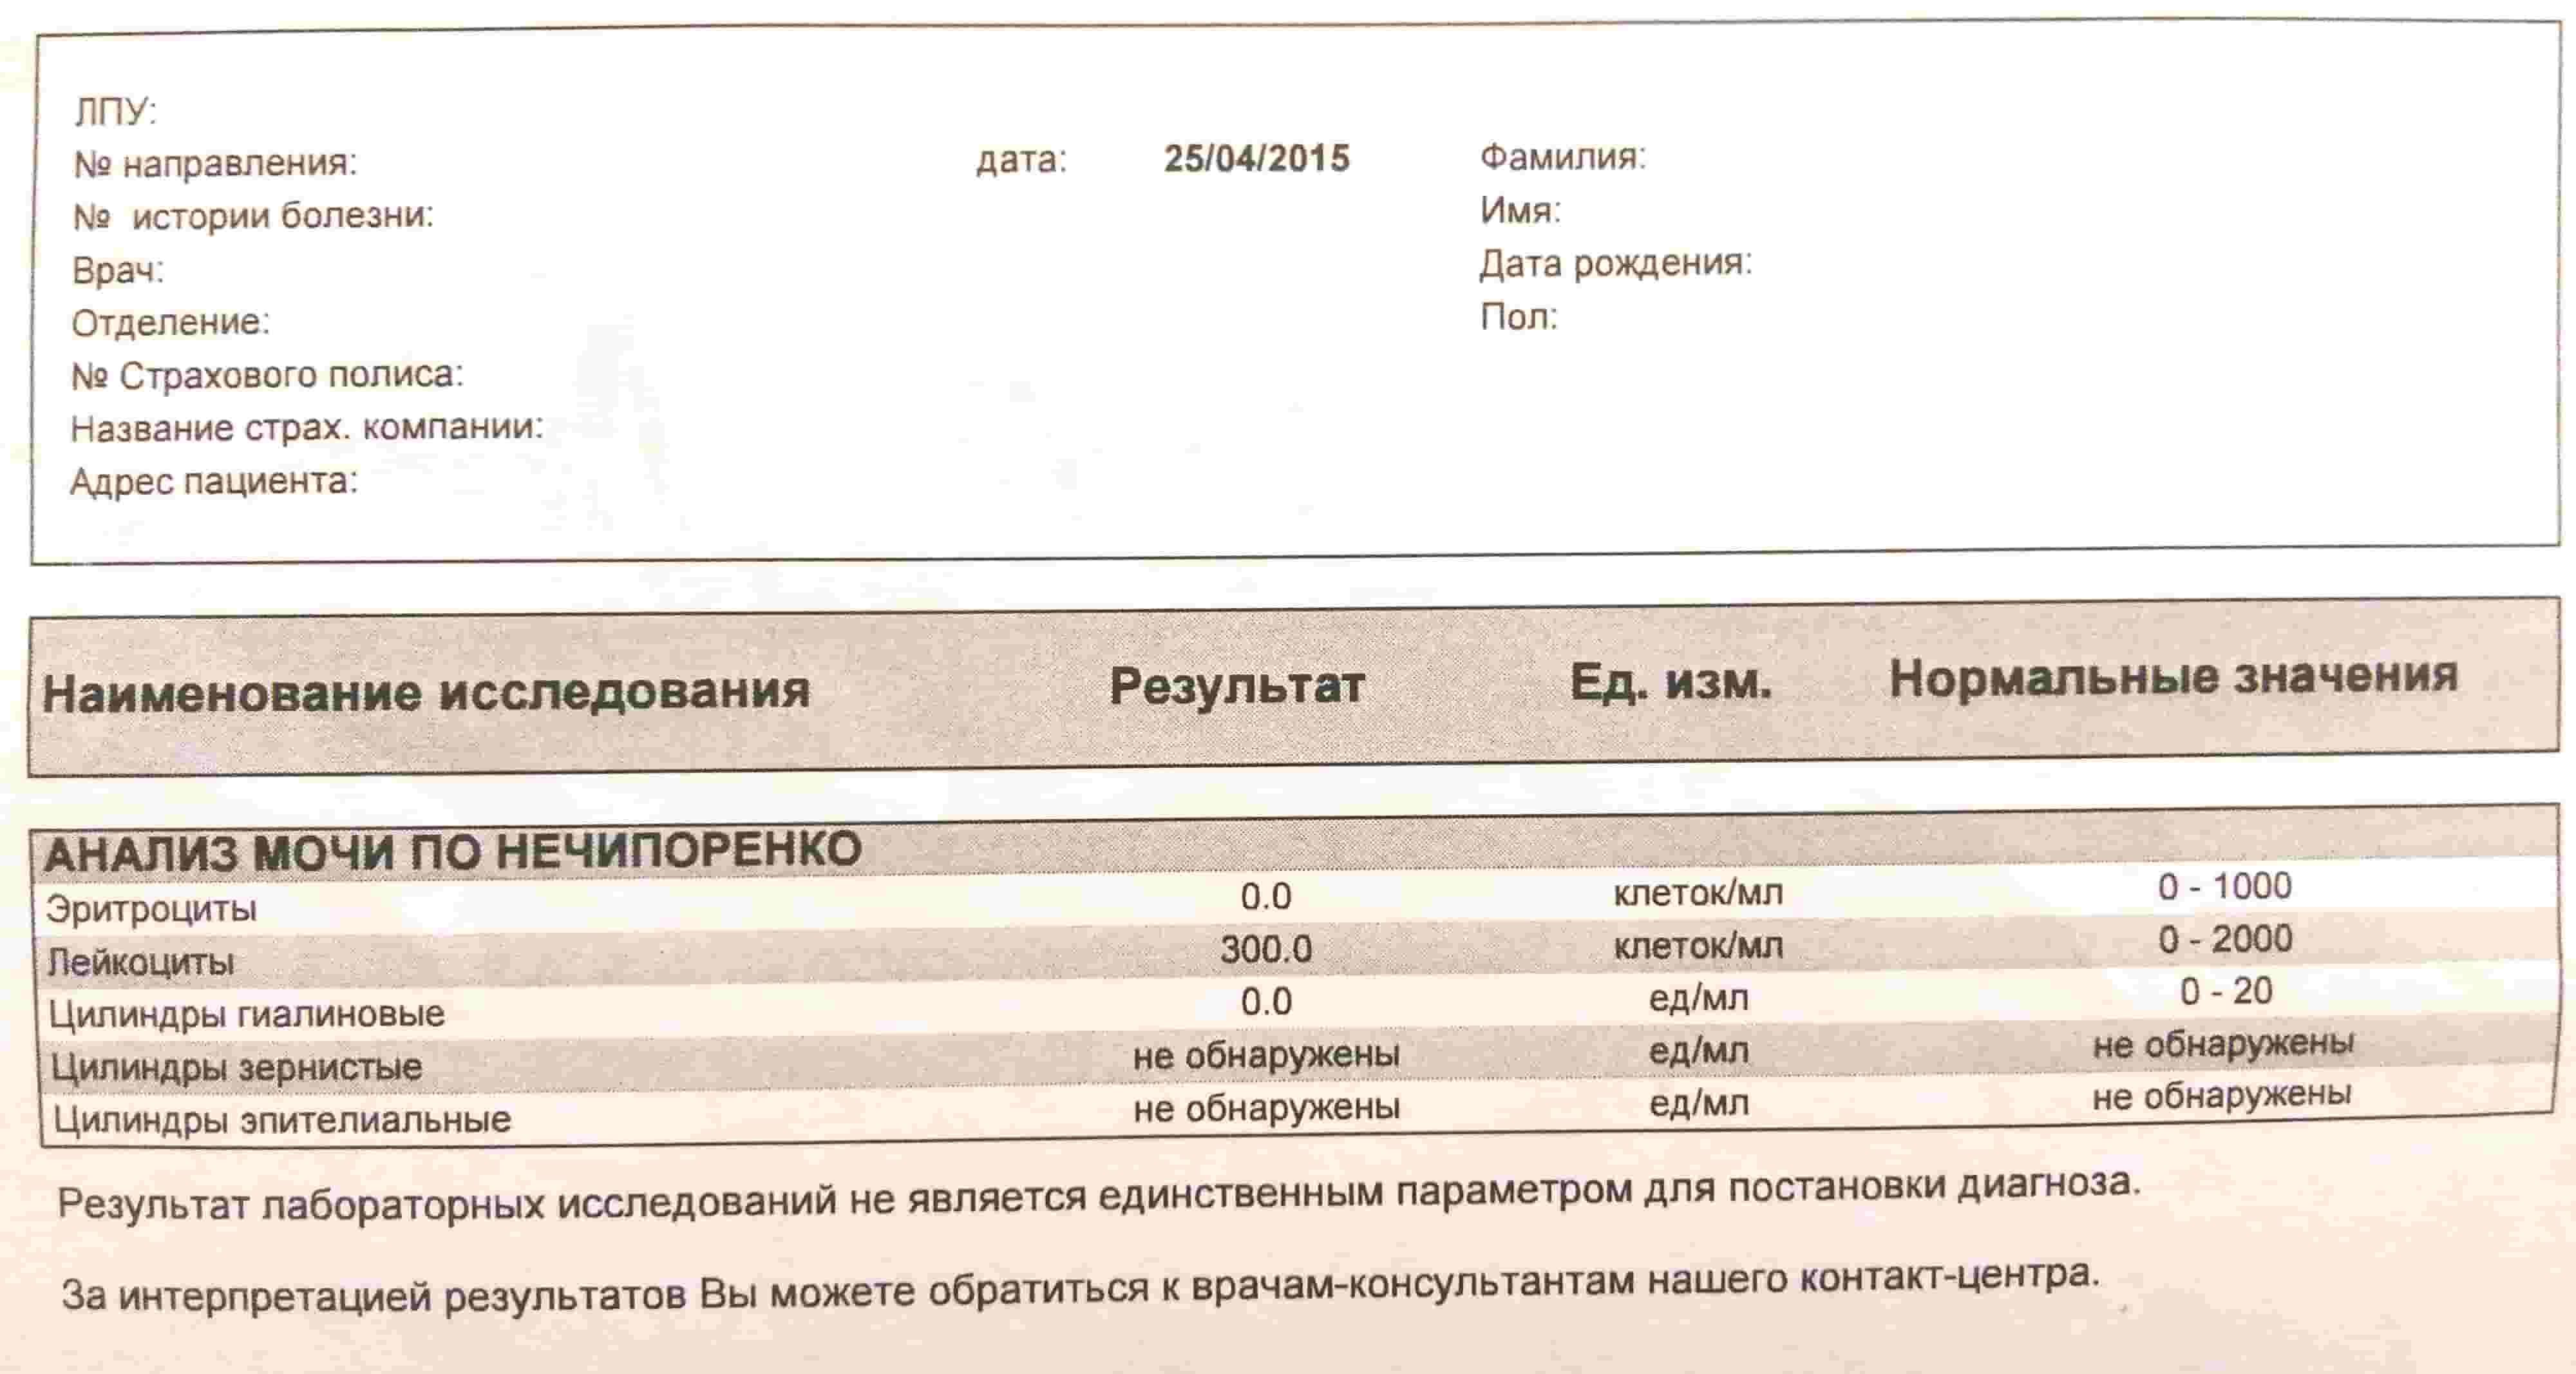 Анализ мочи покажет цистит Справка о гастроскопии Царицыно